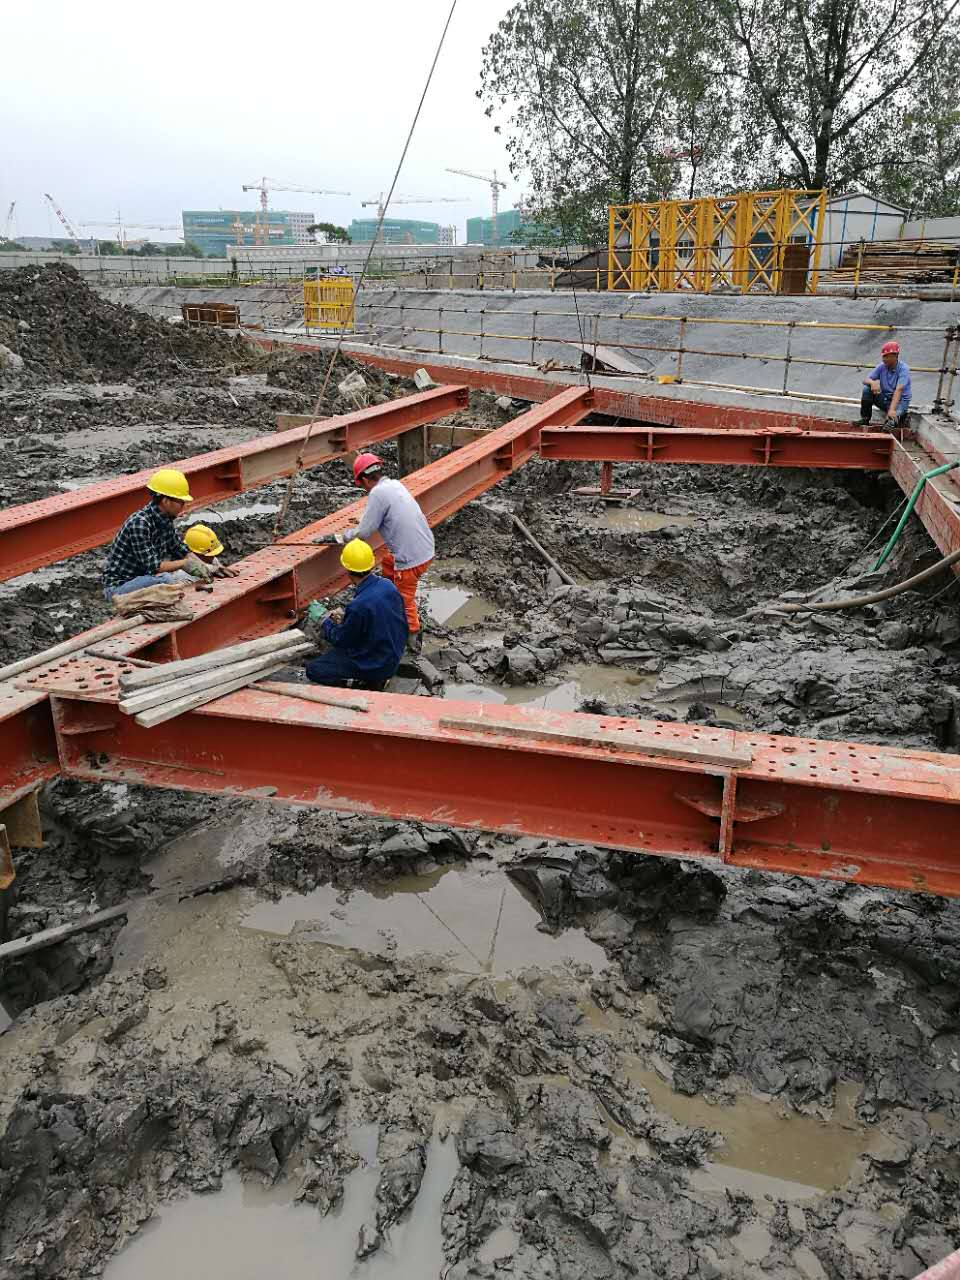 公司集拉森钢板桩出租,钢板桩打拔施工,钢管锁扣桩,钢支撑租赁安装,液